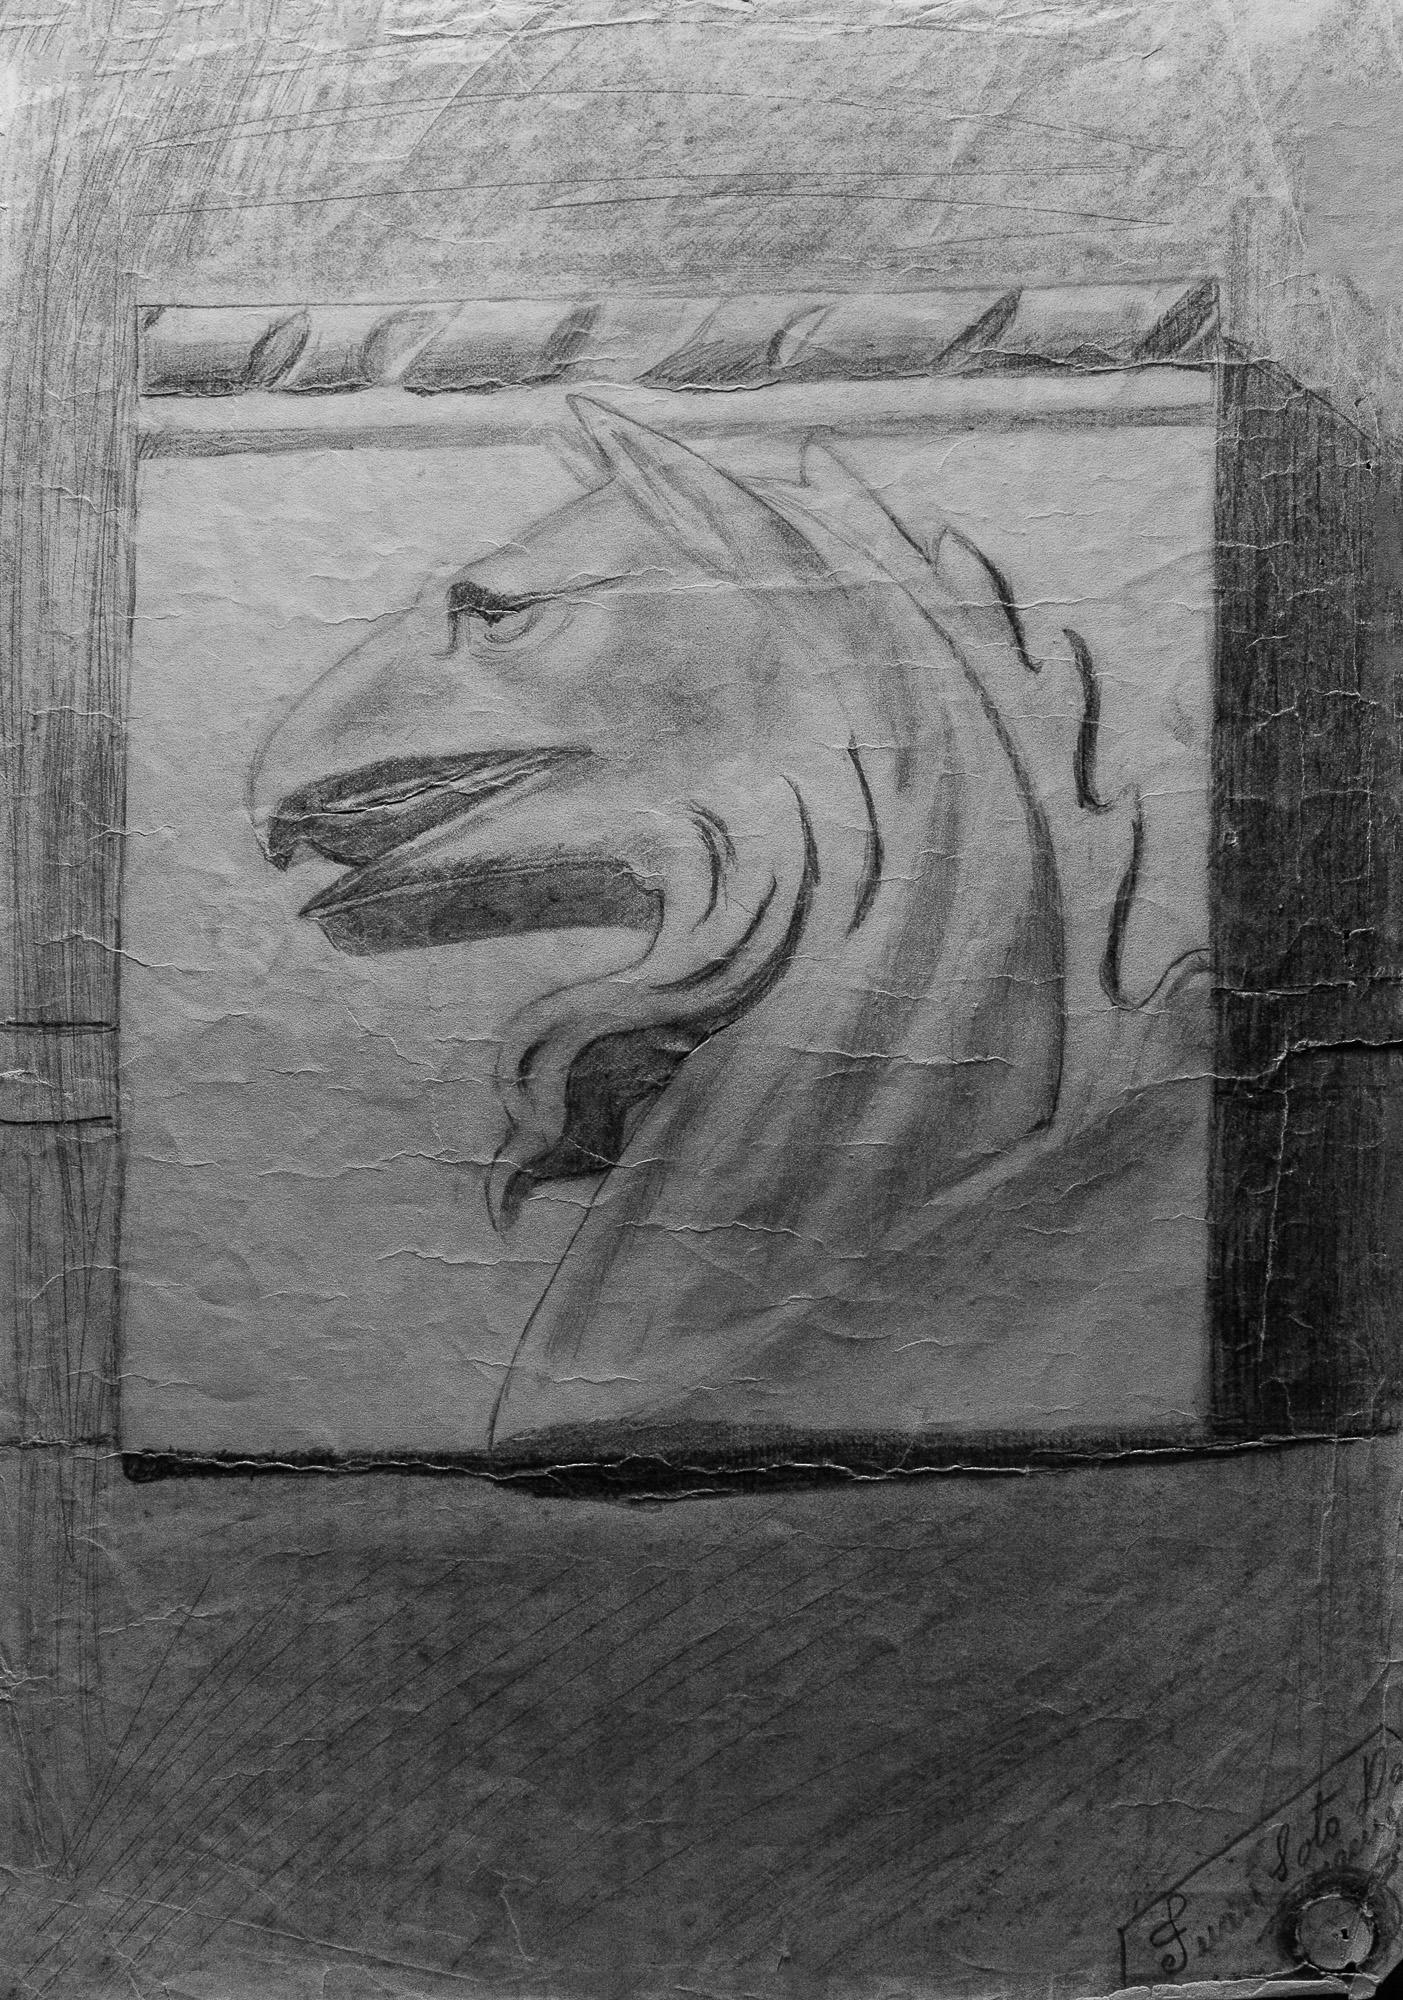 Juan Soto. Obra temprana 1946. Carboncillo sobre papel. 33 x 22 cm.